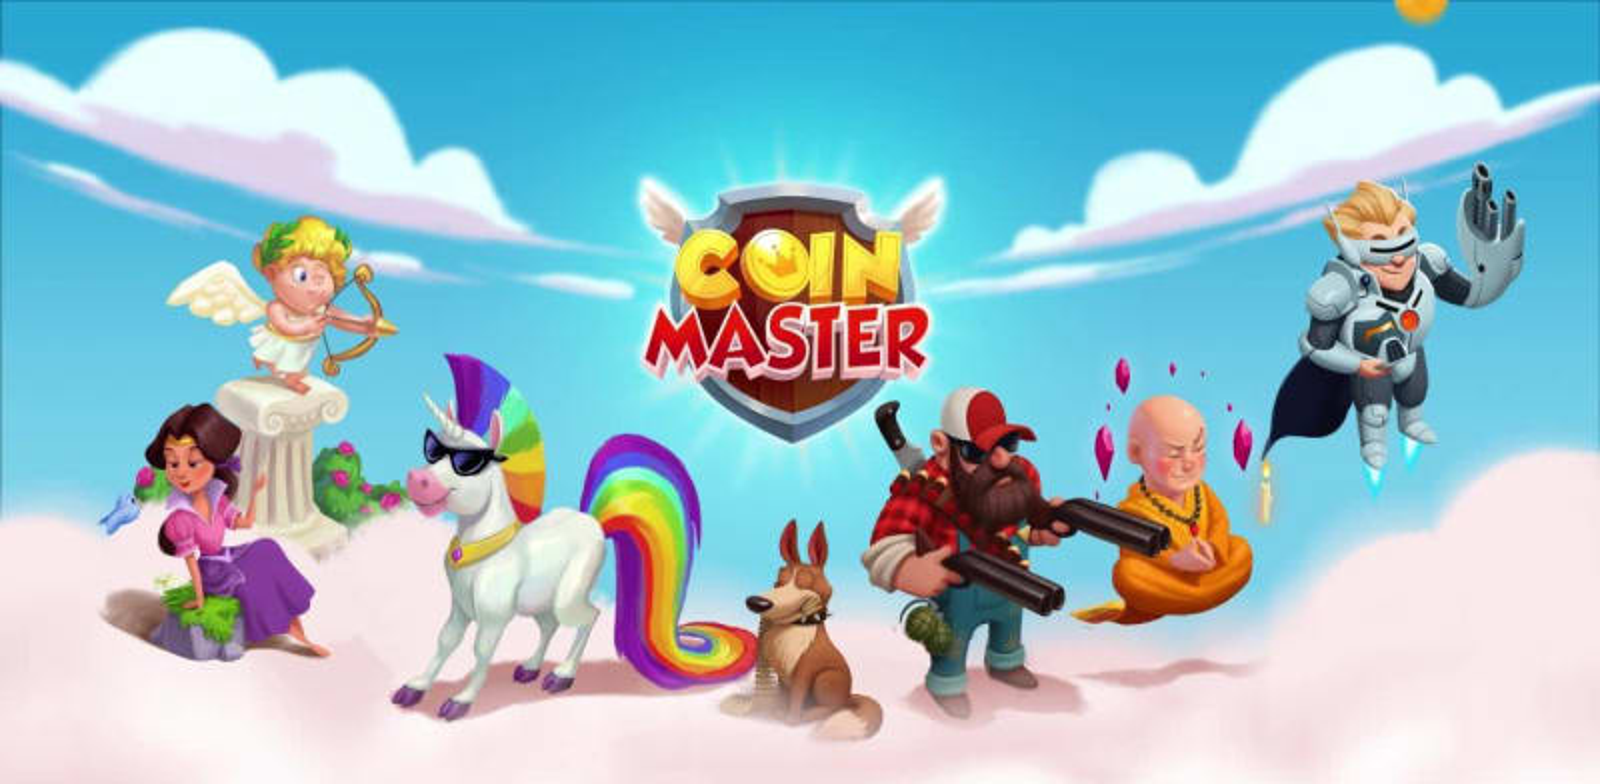 המשחק של מון אקטיב -  Coin Master / צילום: יחצ